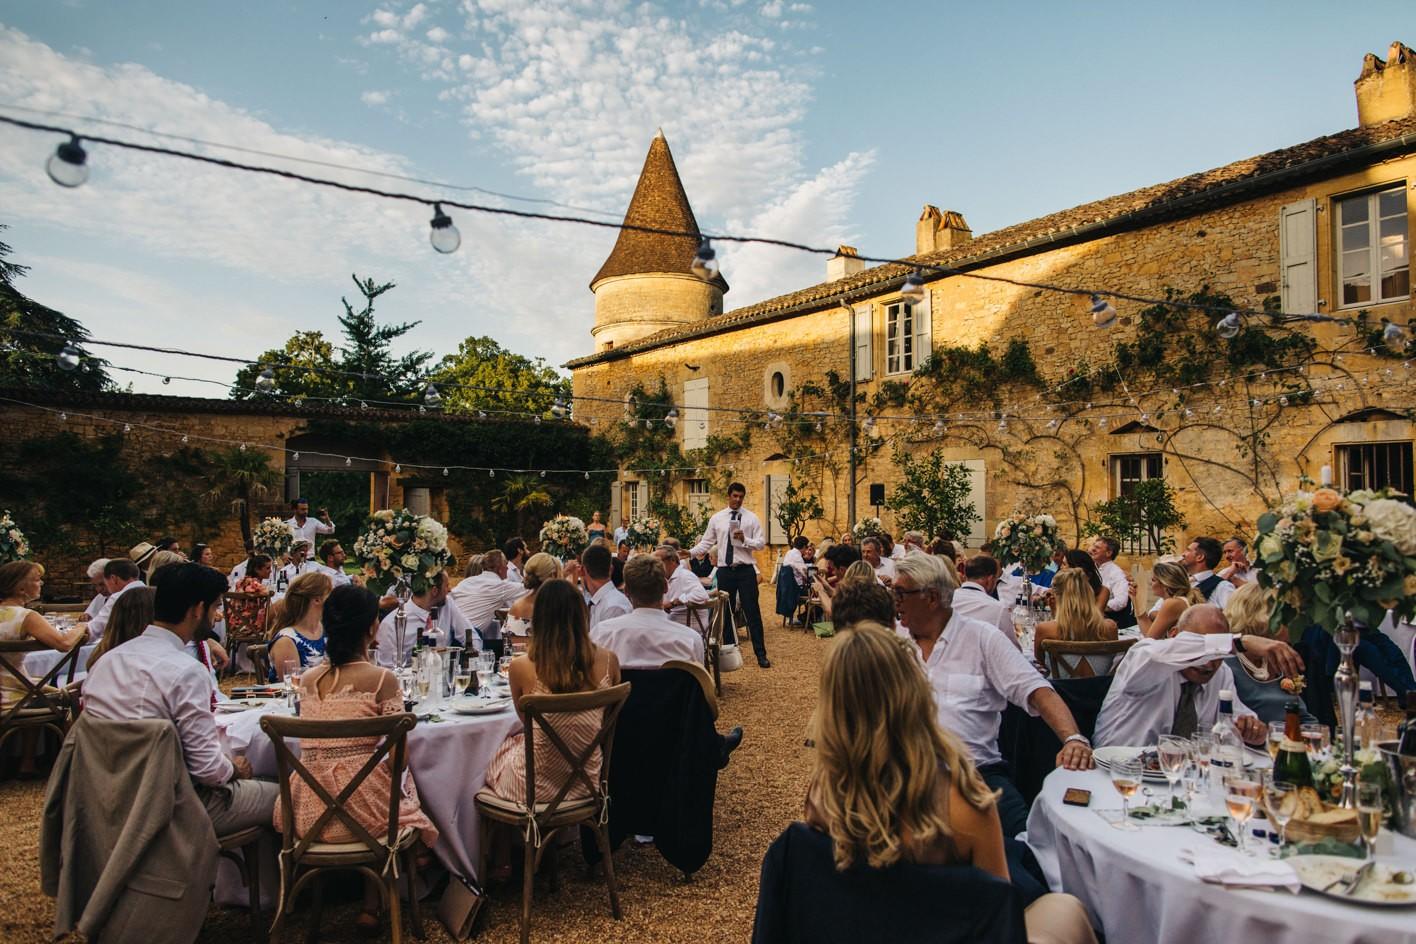 chateau de la bourlie courtyard reception